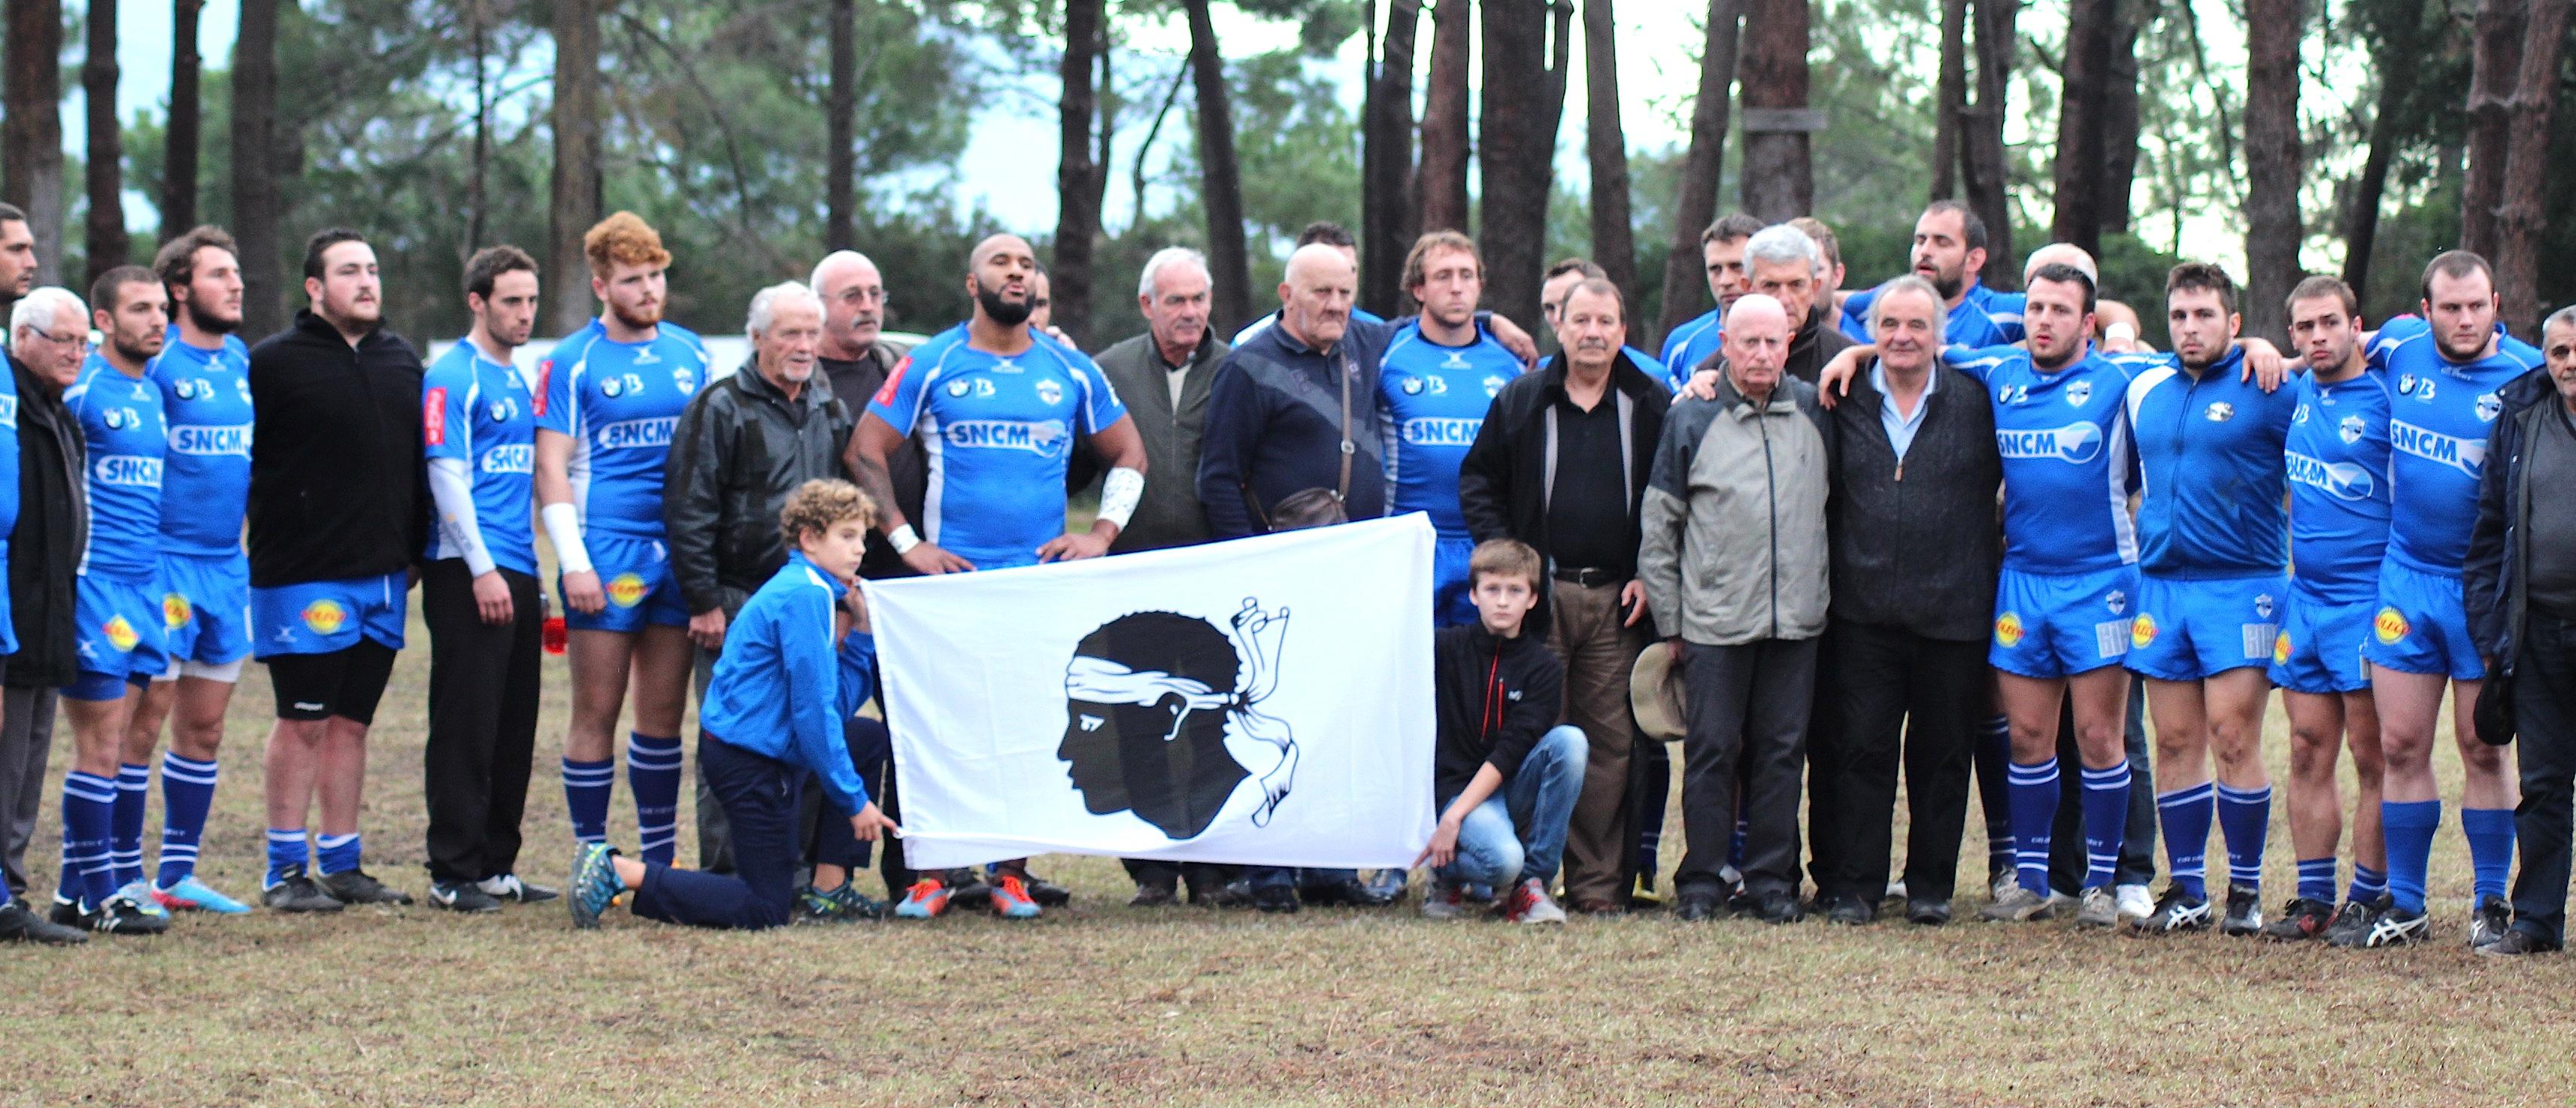 Une minute de silence a été observée au coup d'envoi à la mémoire de Claude Ragazacci